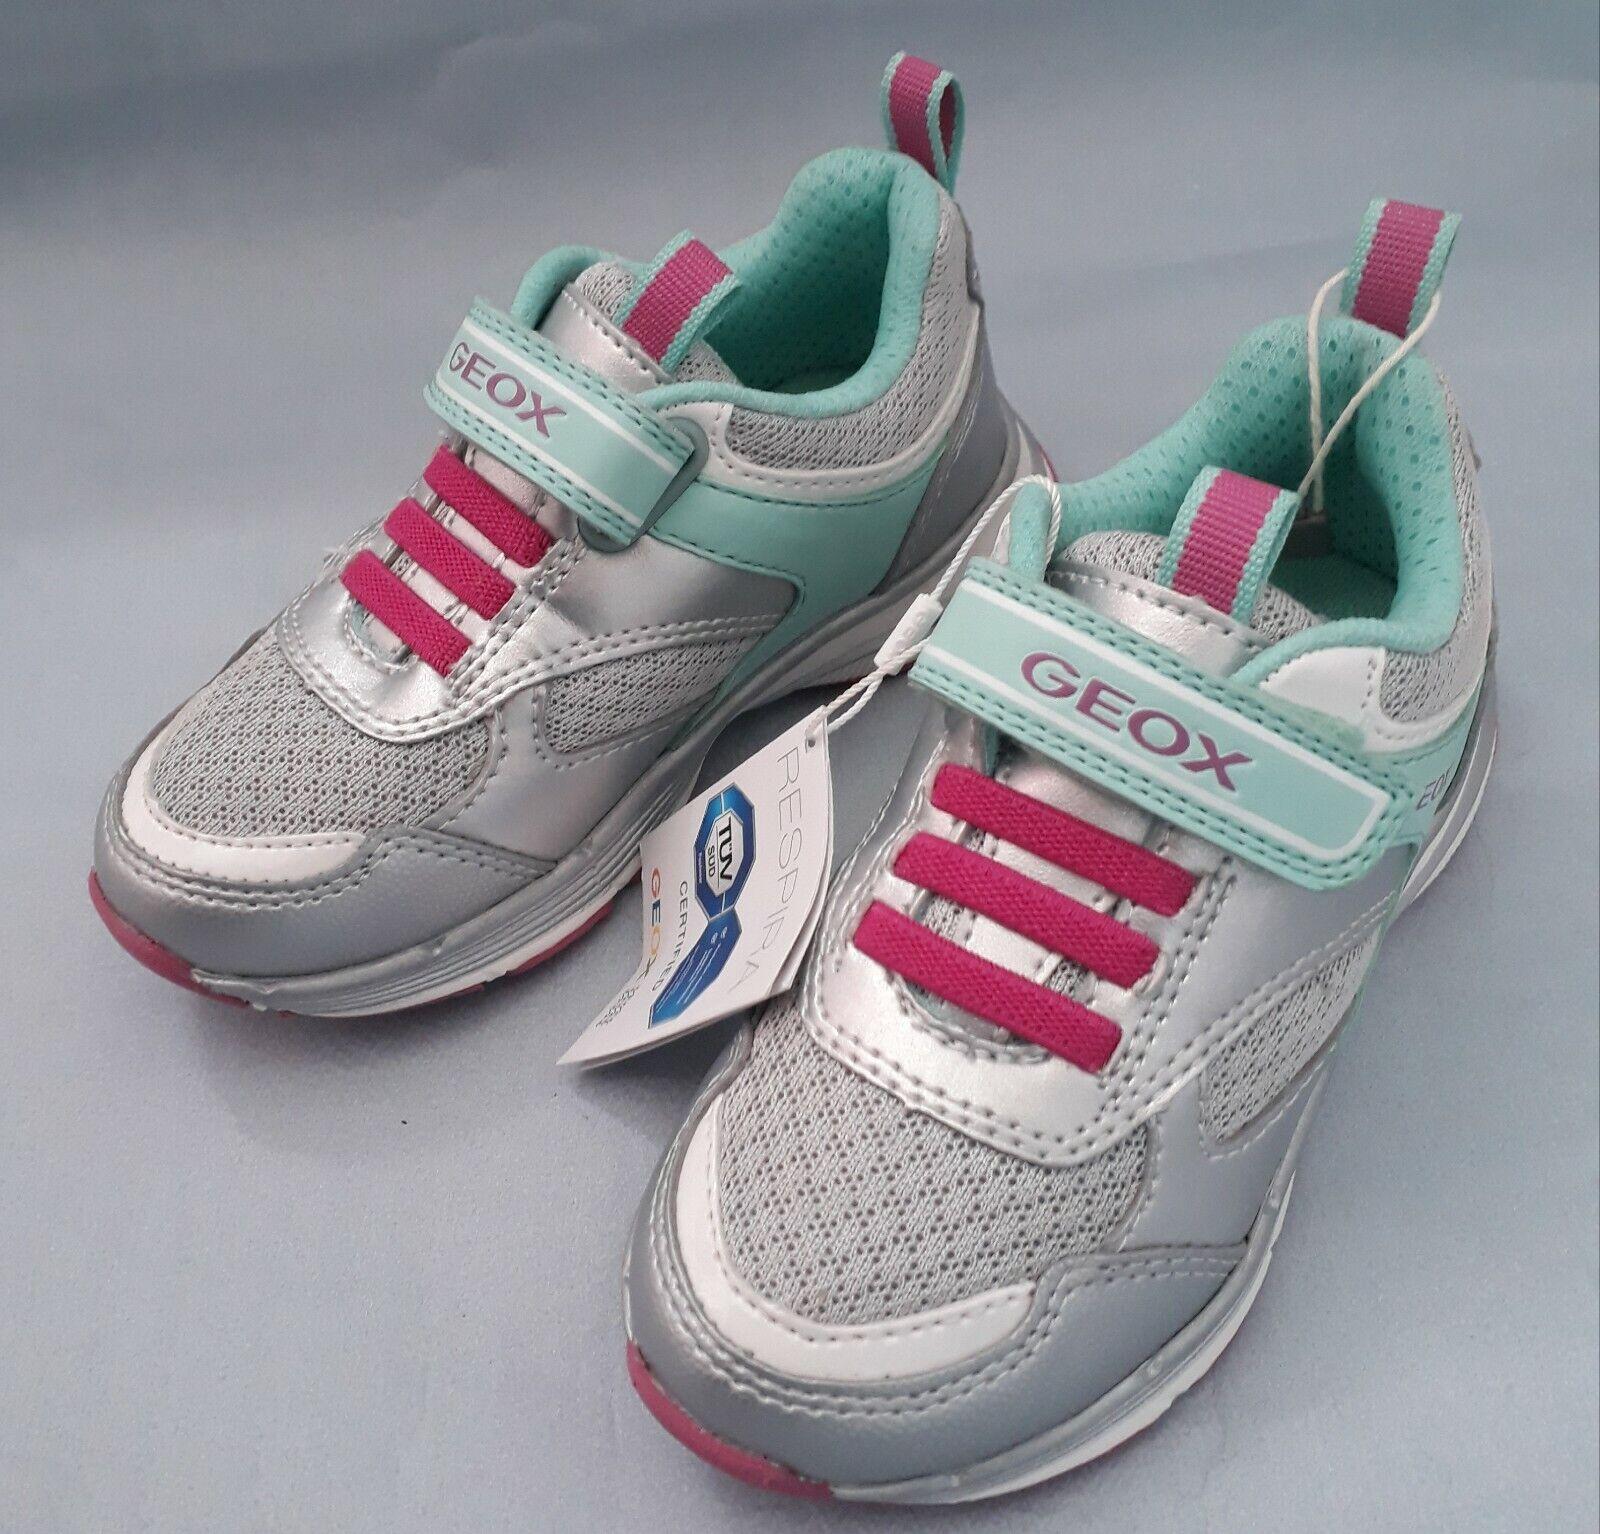 Hummel Schuhe Damen Vergleich Test +++ Hummel Schuhe Damen